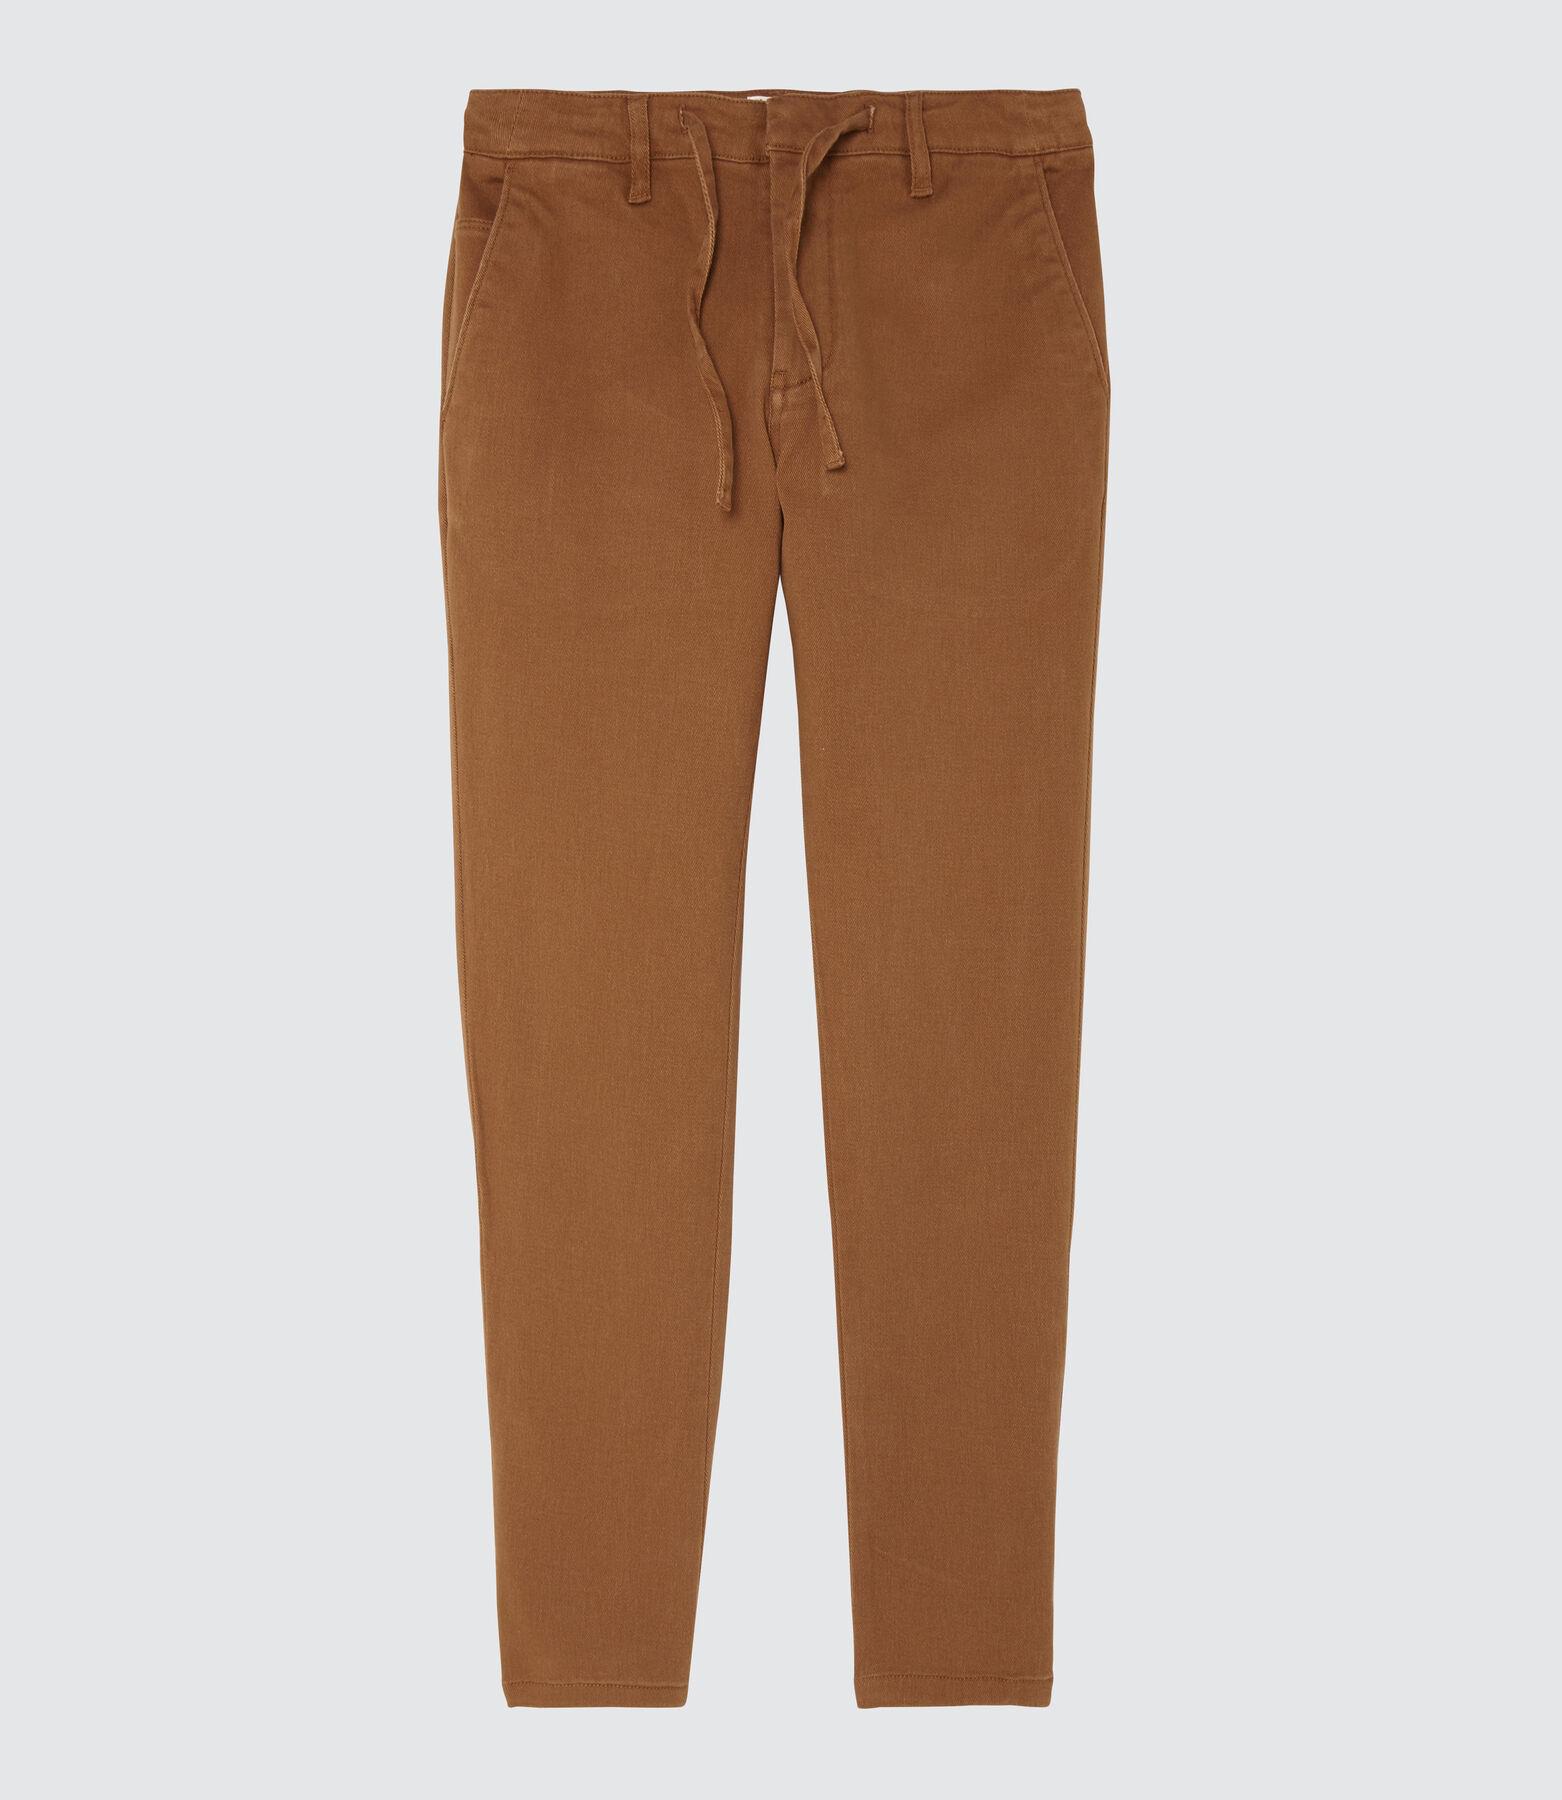 Pantalon avec coulisse taille, bas droit